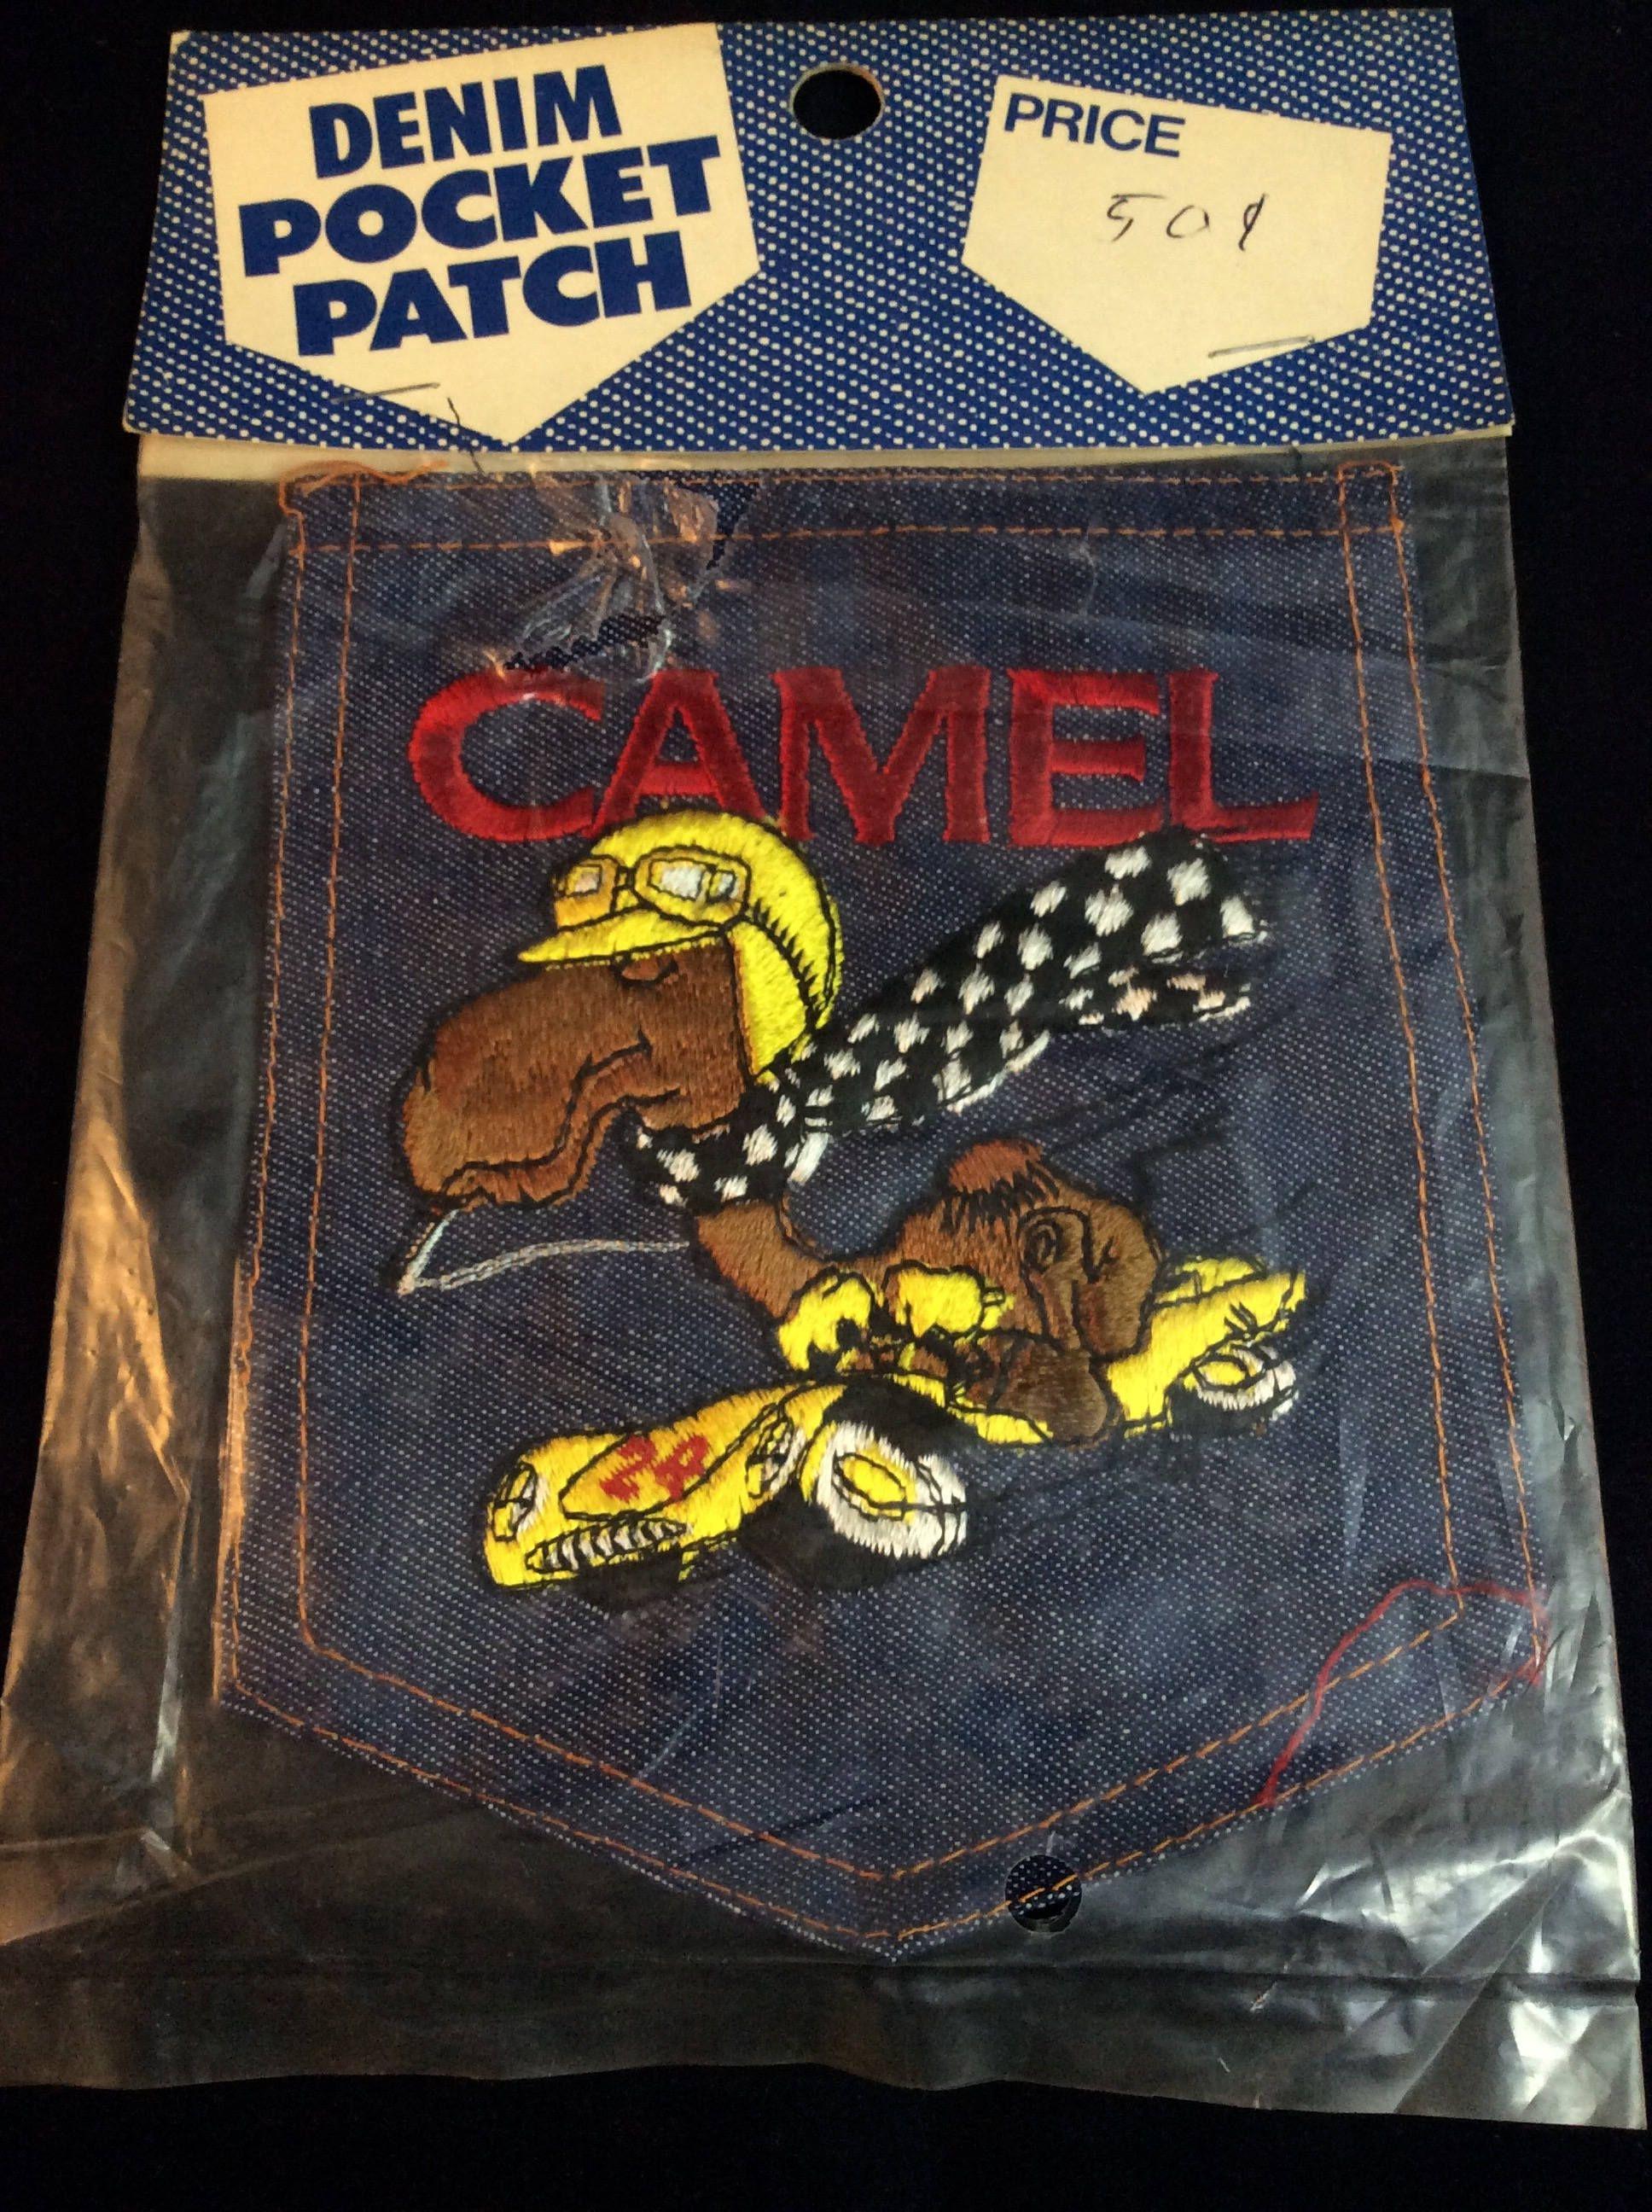 Vintage Denim Camel Cigarettes Racing Large Pocket Patch  Joe